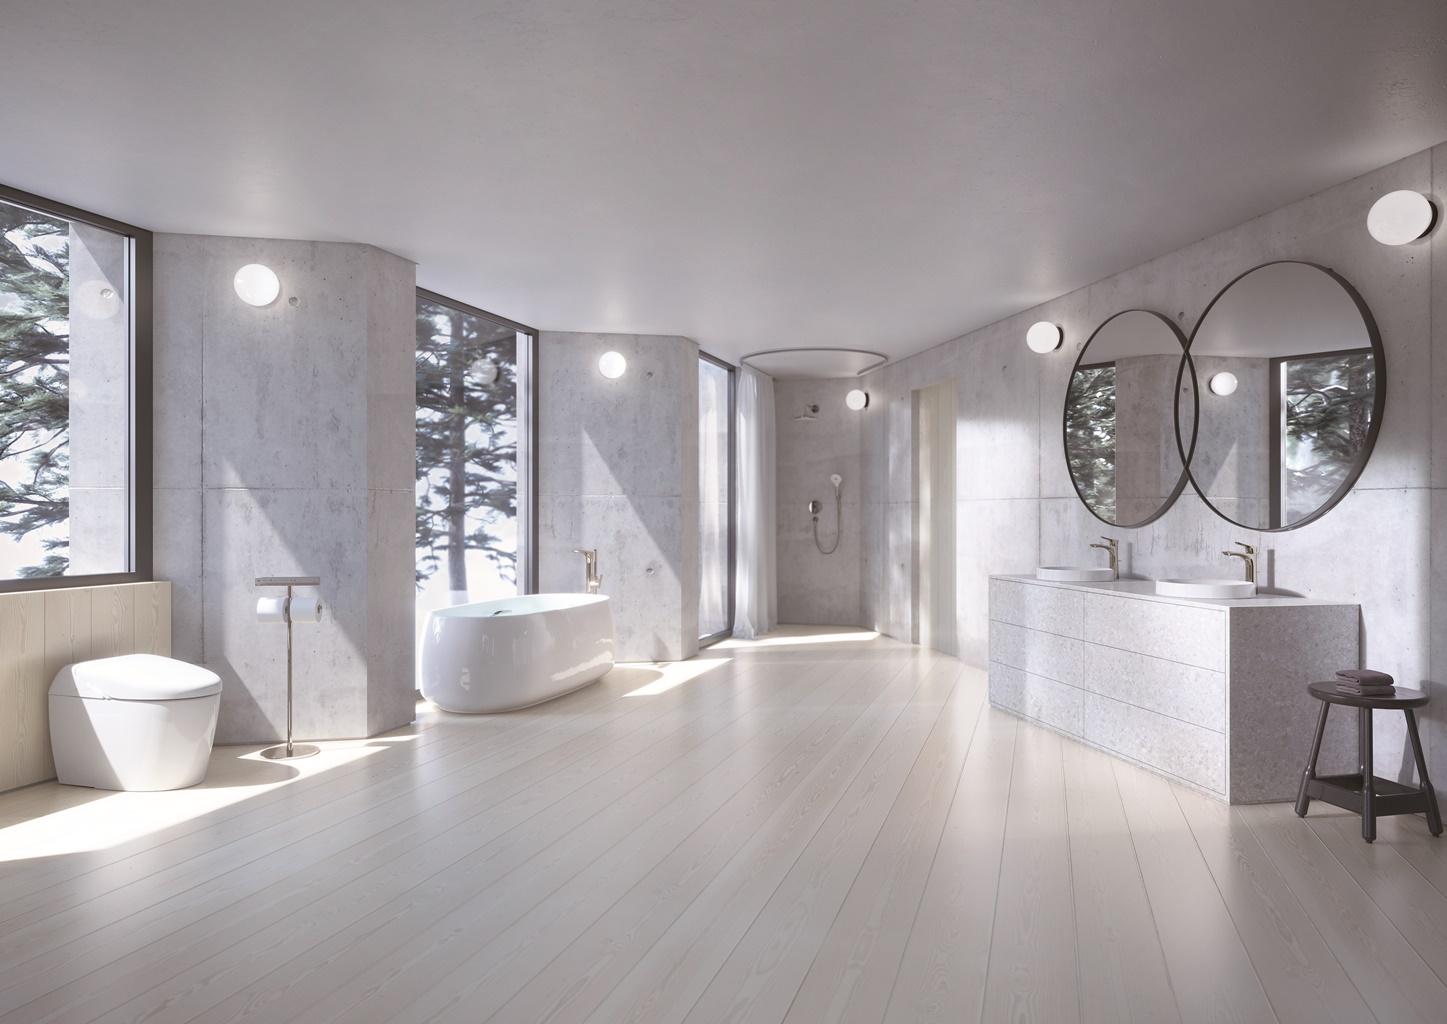 แบบห้องน้ำสไตล์โมเดิร์น : เรียบง่ายและสงบแบบเซน 2